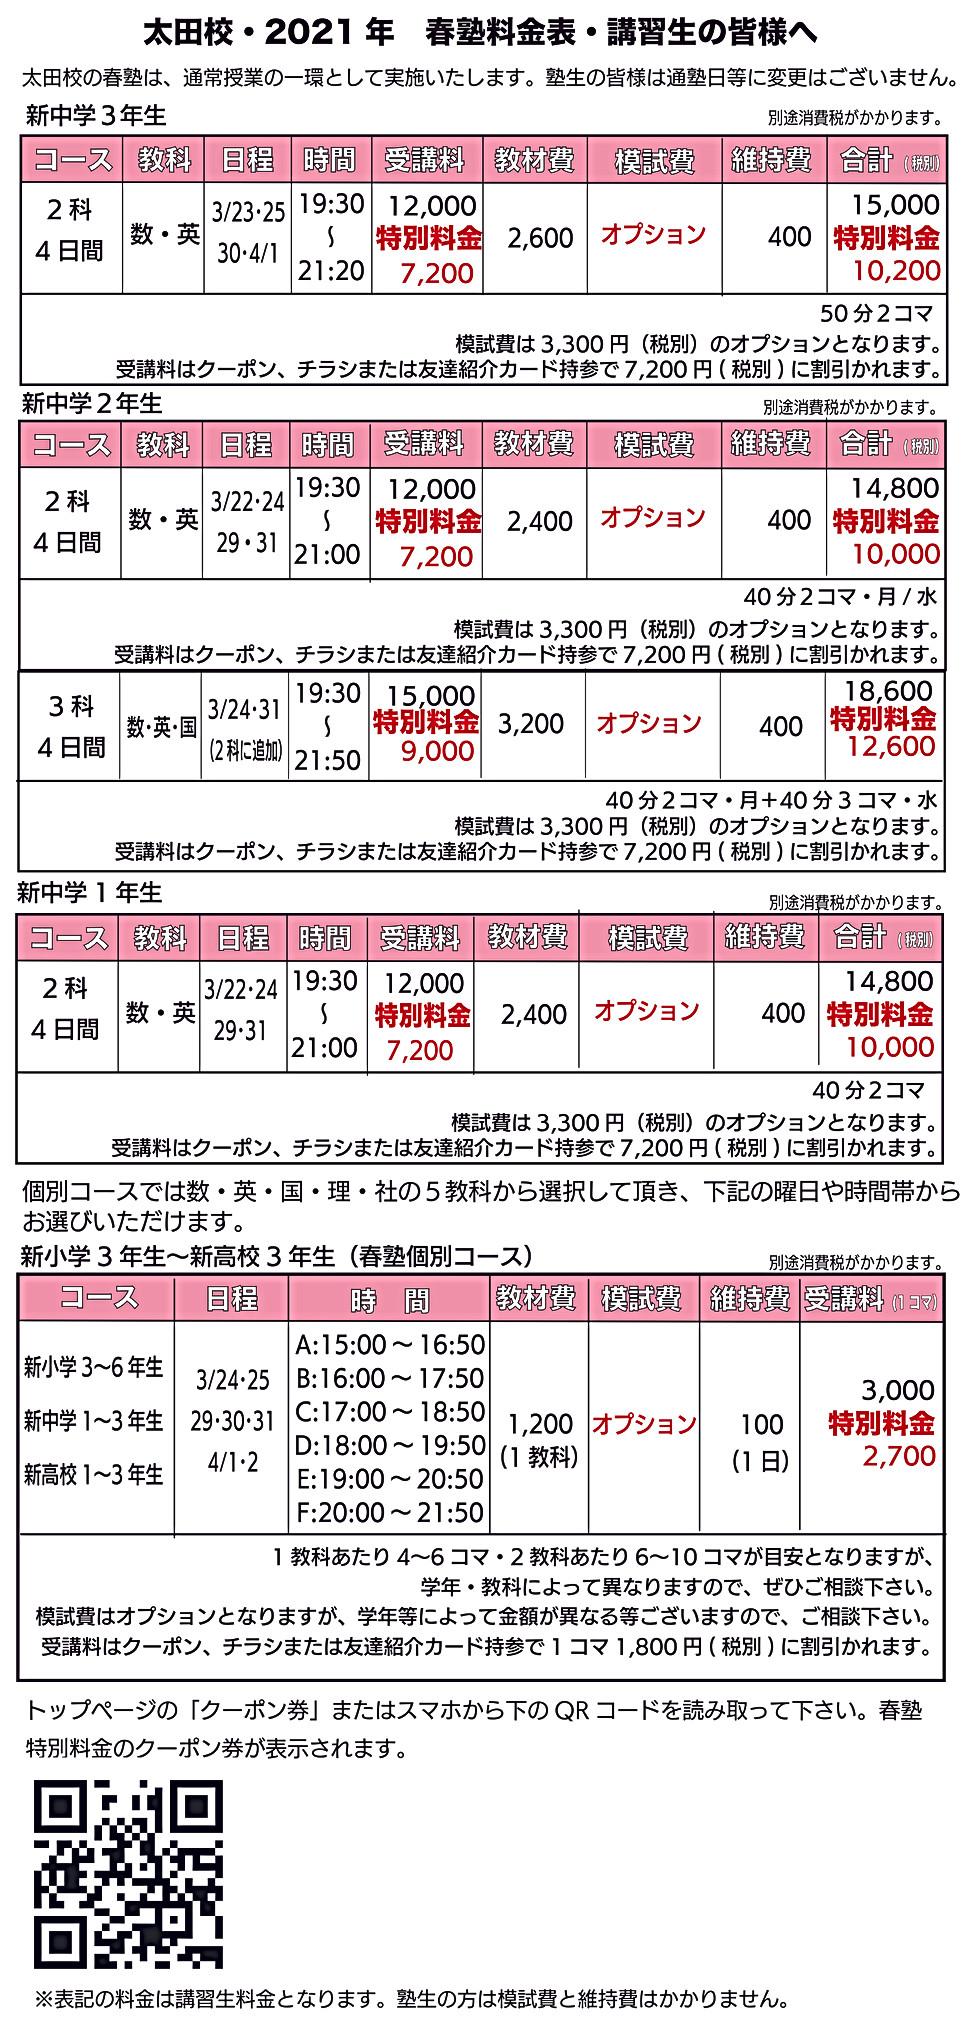 太田2021春料金表.jpg